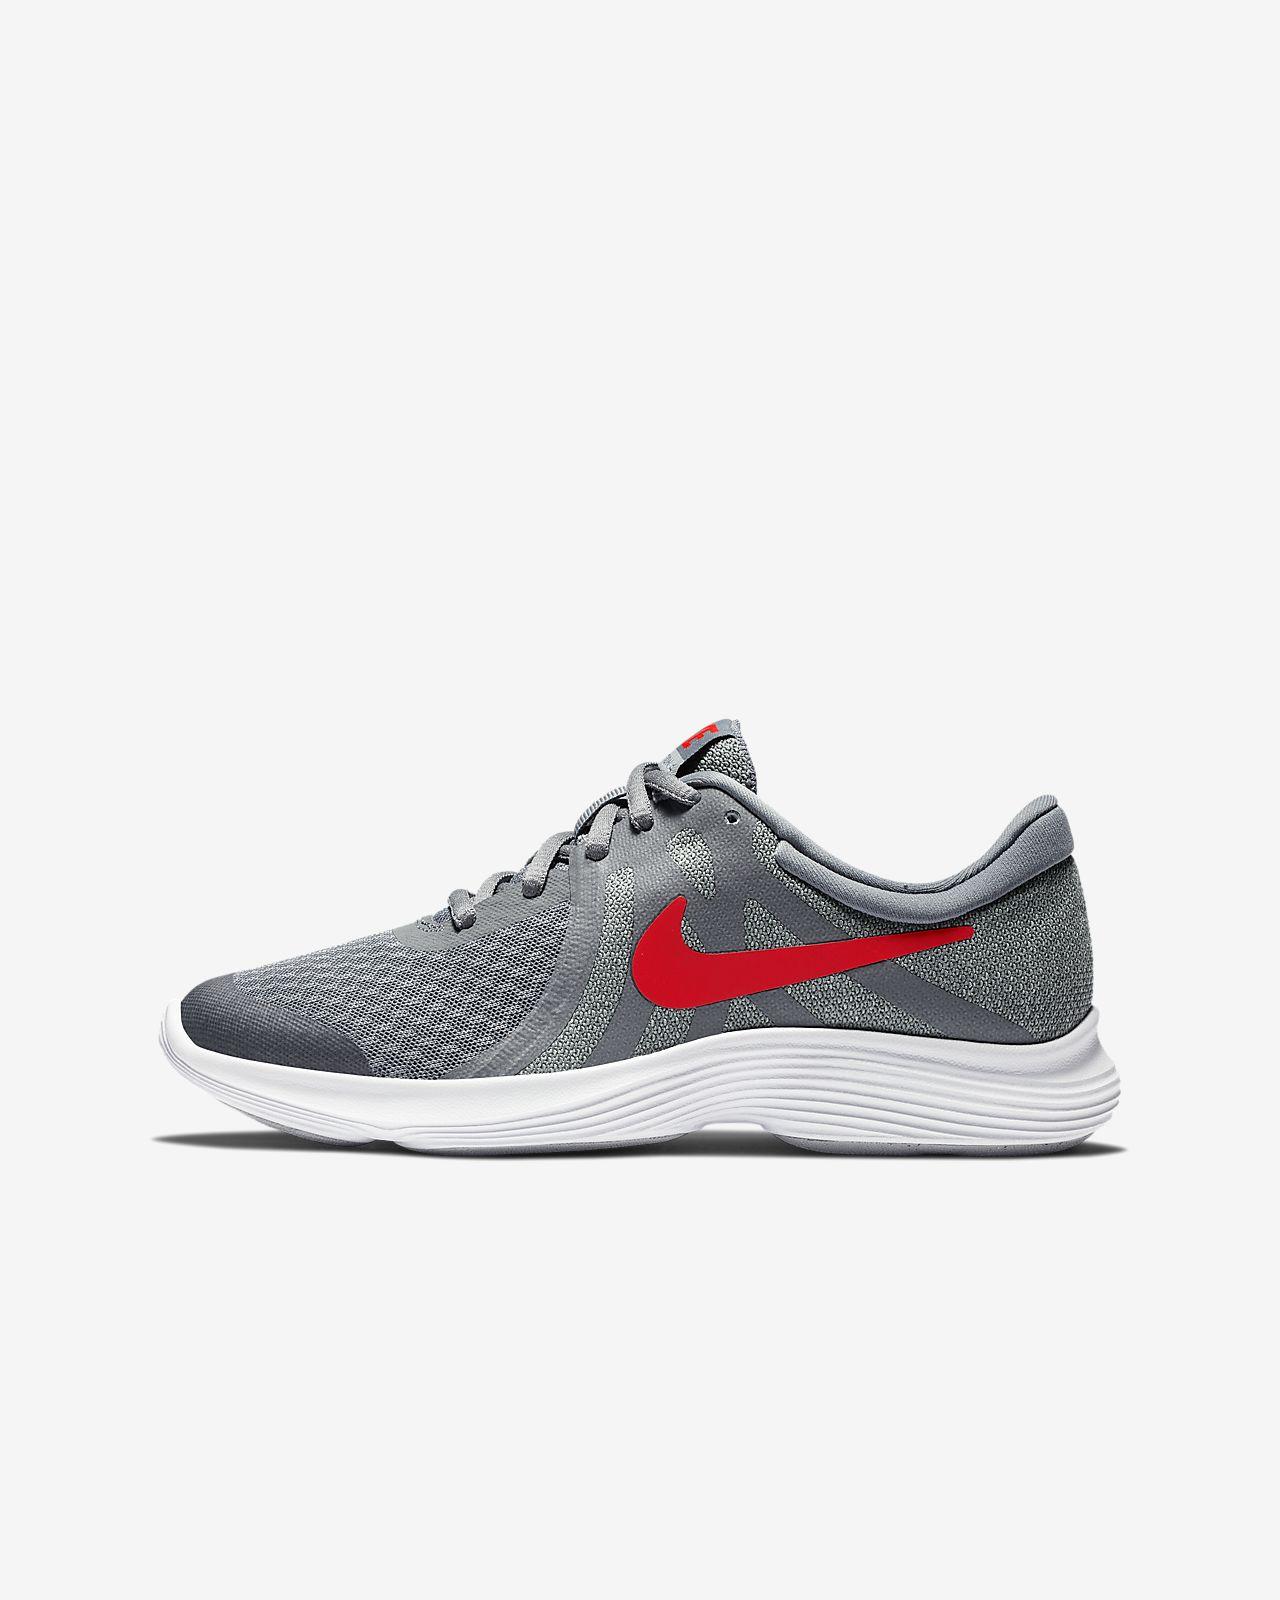 size 40 b8edd 5326a Chaussure de running Nike Revolution 4 pour Homme plus plus plus âgé. Nike  FR 3df5e6